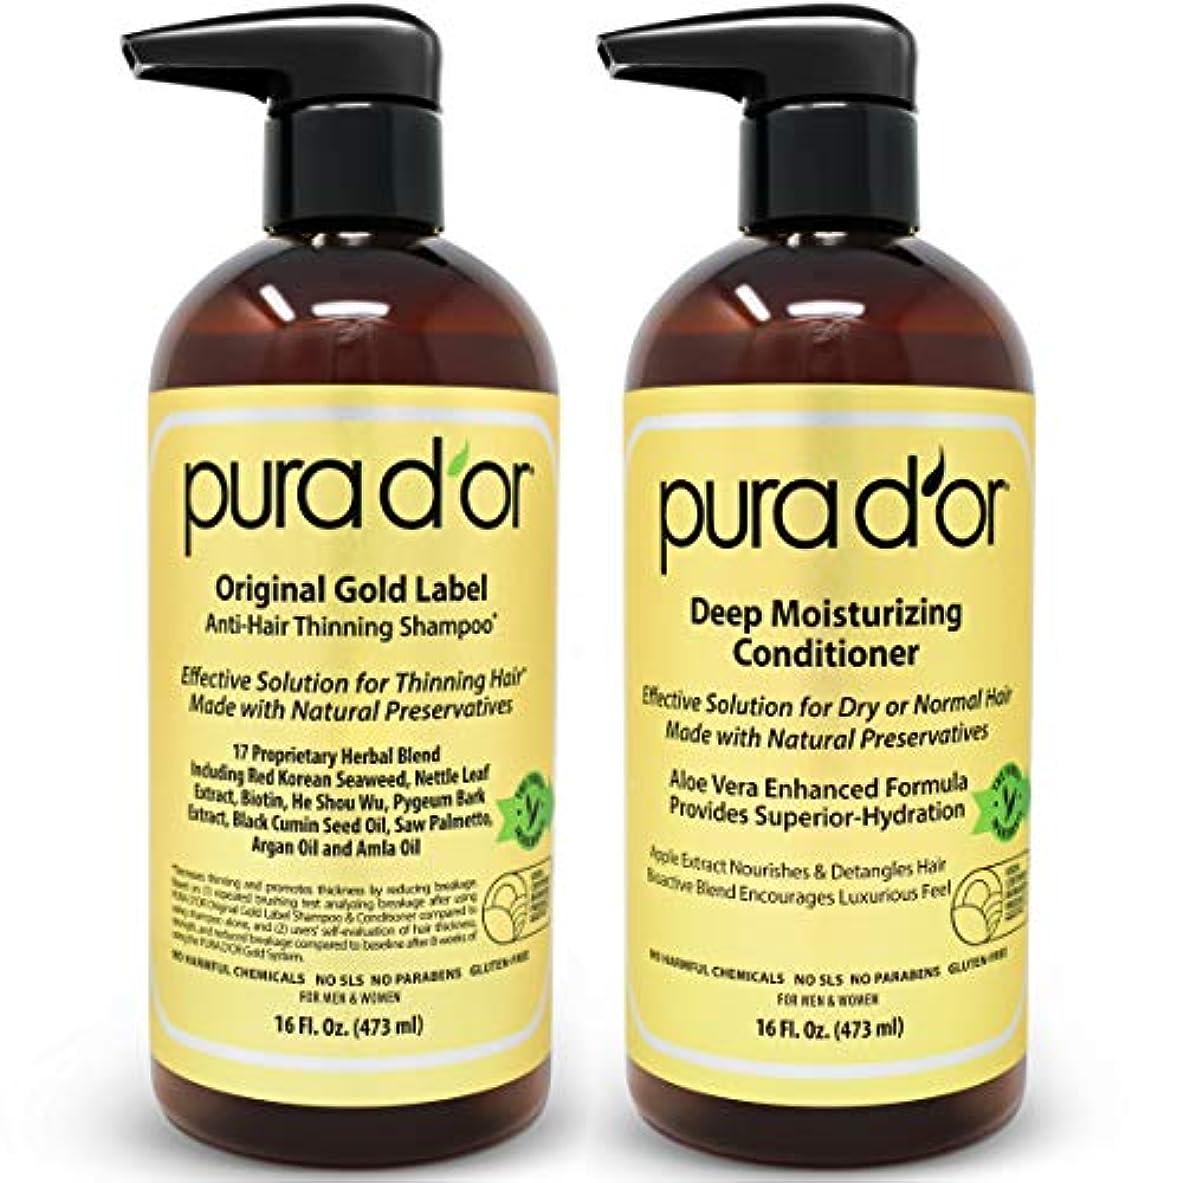 ボール果てしない人工的なPURA D'OR オリジナル ゴールド ラベル 薄毛予防用 -臨床実験済み -アルガンオイル、ビオチン、天然原料、硫酸系化合物不使用、全髪タイプに、男性&女性用(パッケージは異なる場合があります) シャンプー&コンディショナー